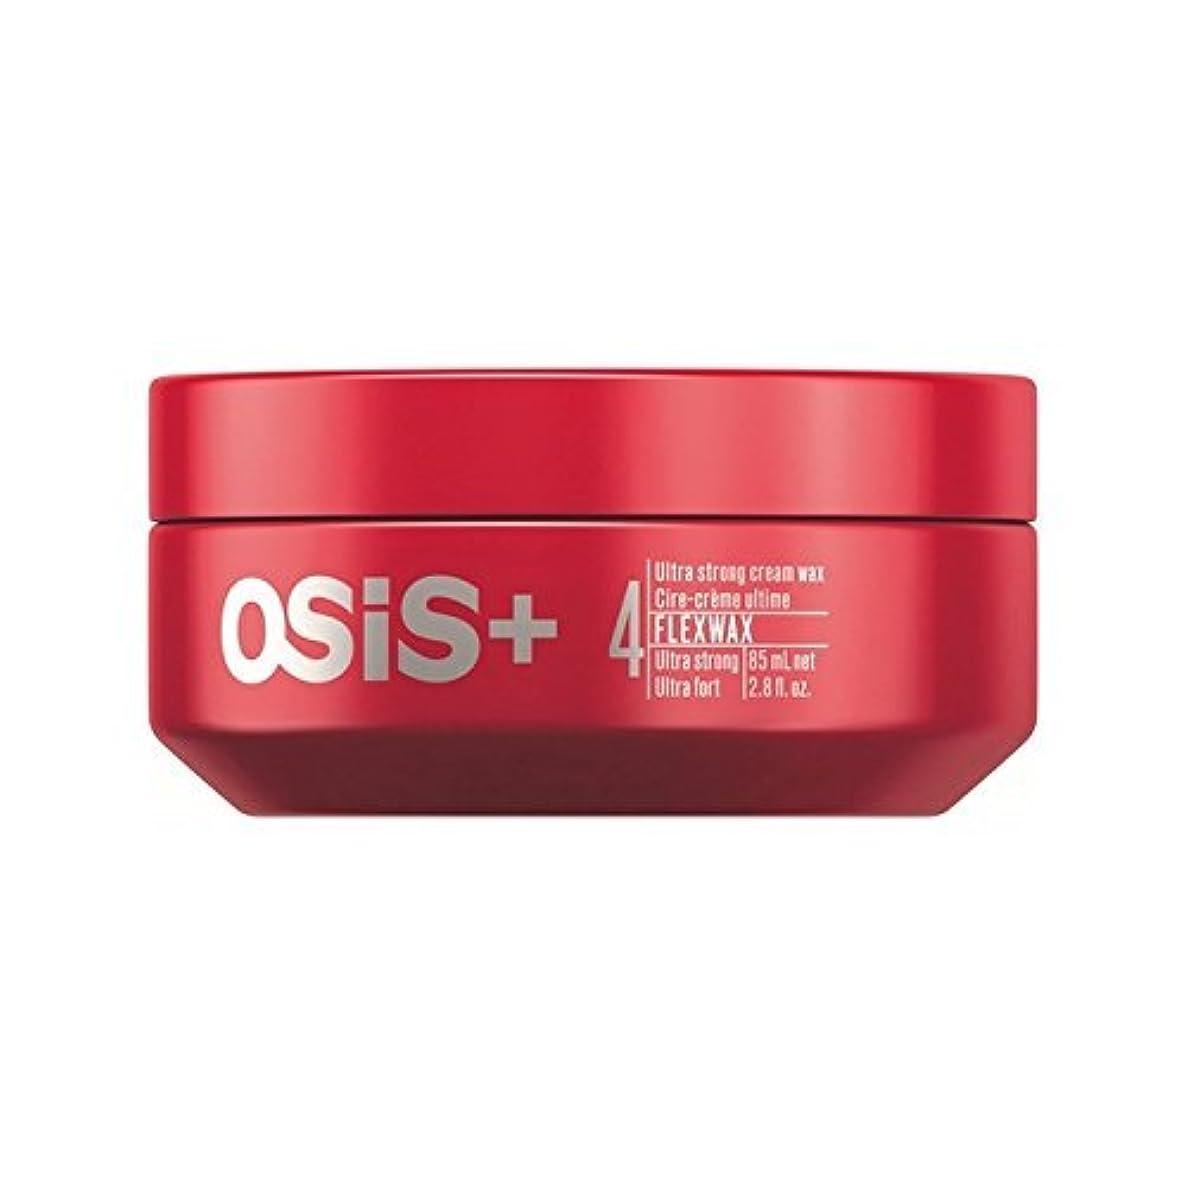 シュワルツコフ 超強力なクリームワックス(85ミリリットル) x2 - Schwarzkopf Osis Flexwax Ultra Strong Cream Wax (85ml) (Pack of 2) [並行輸入品]